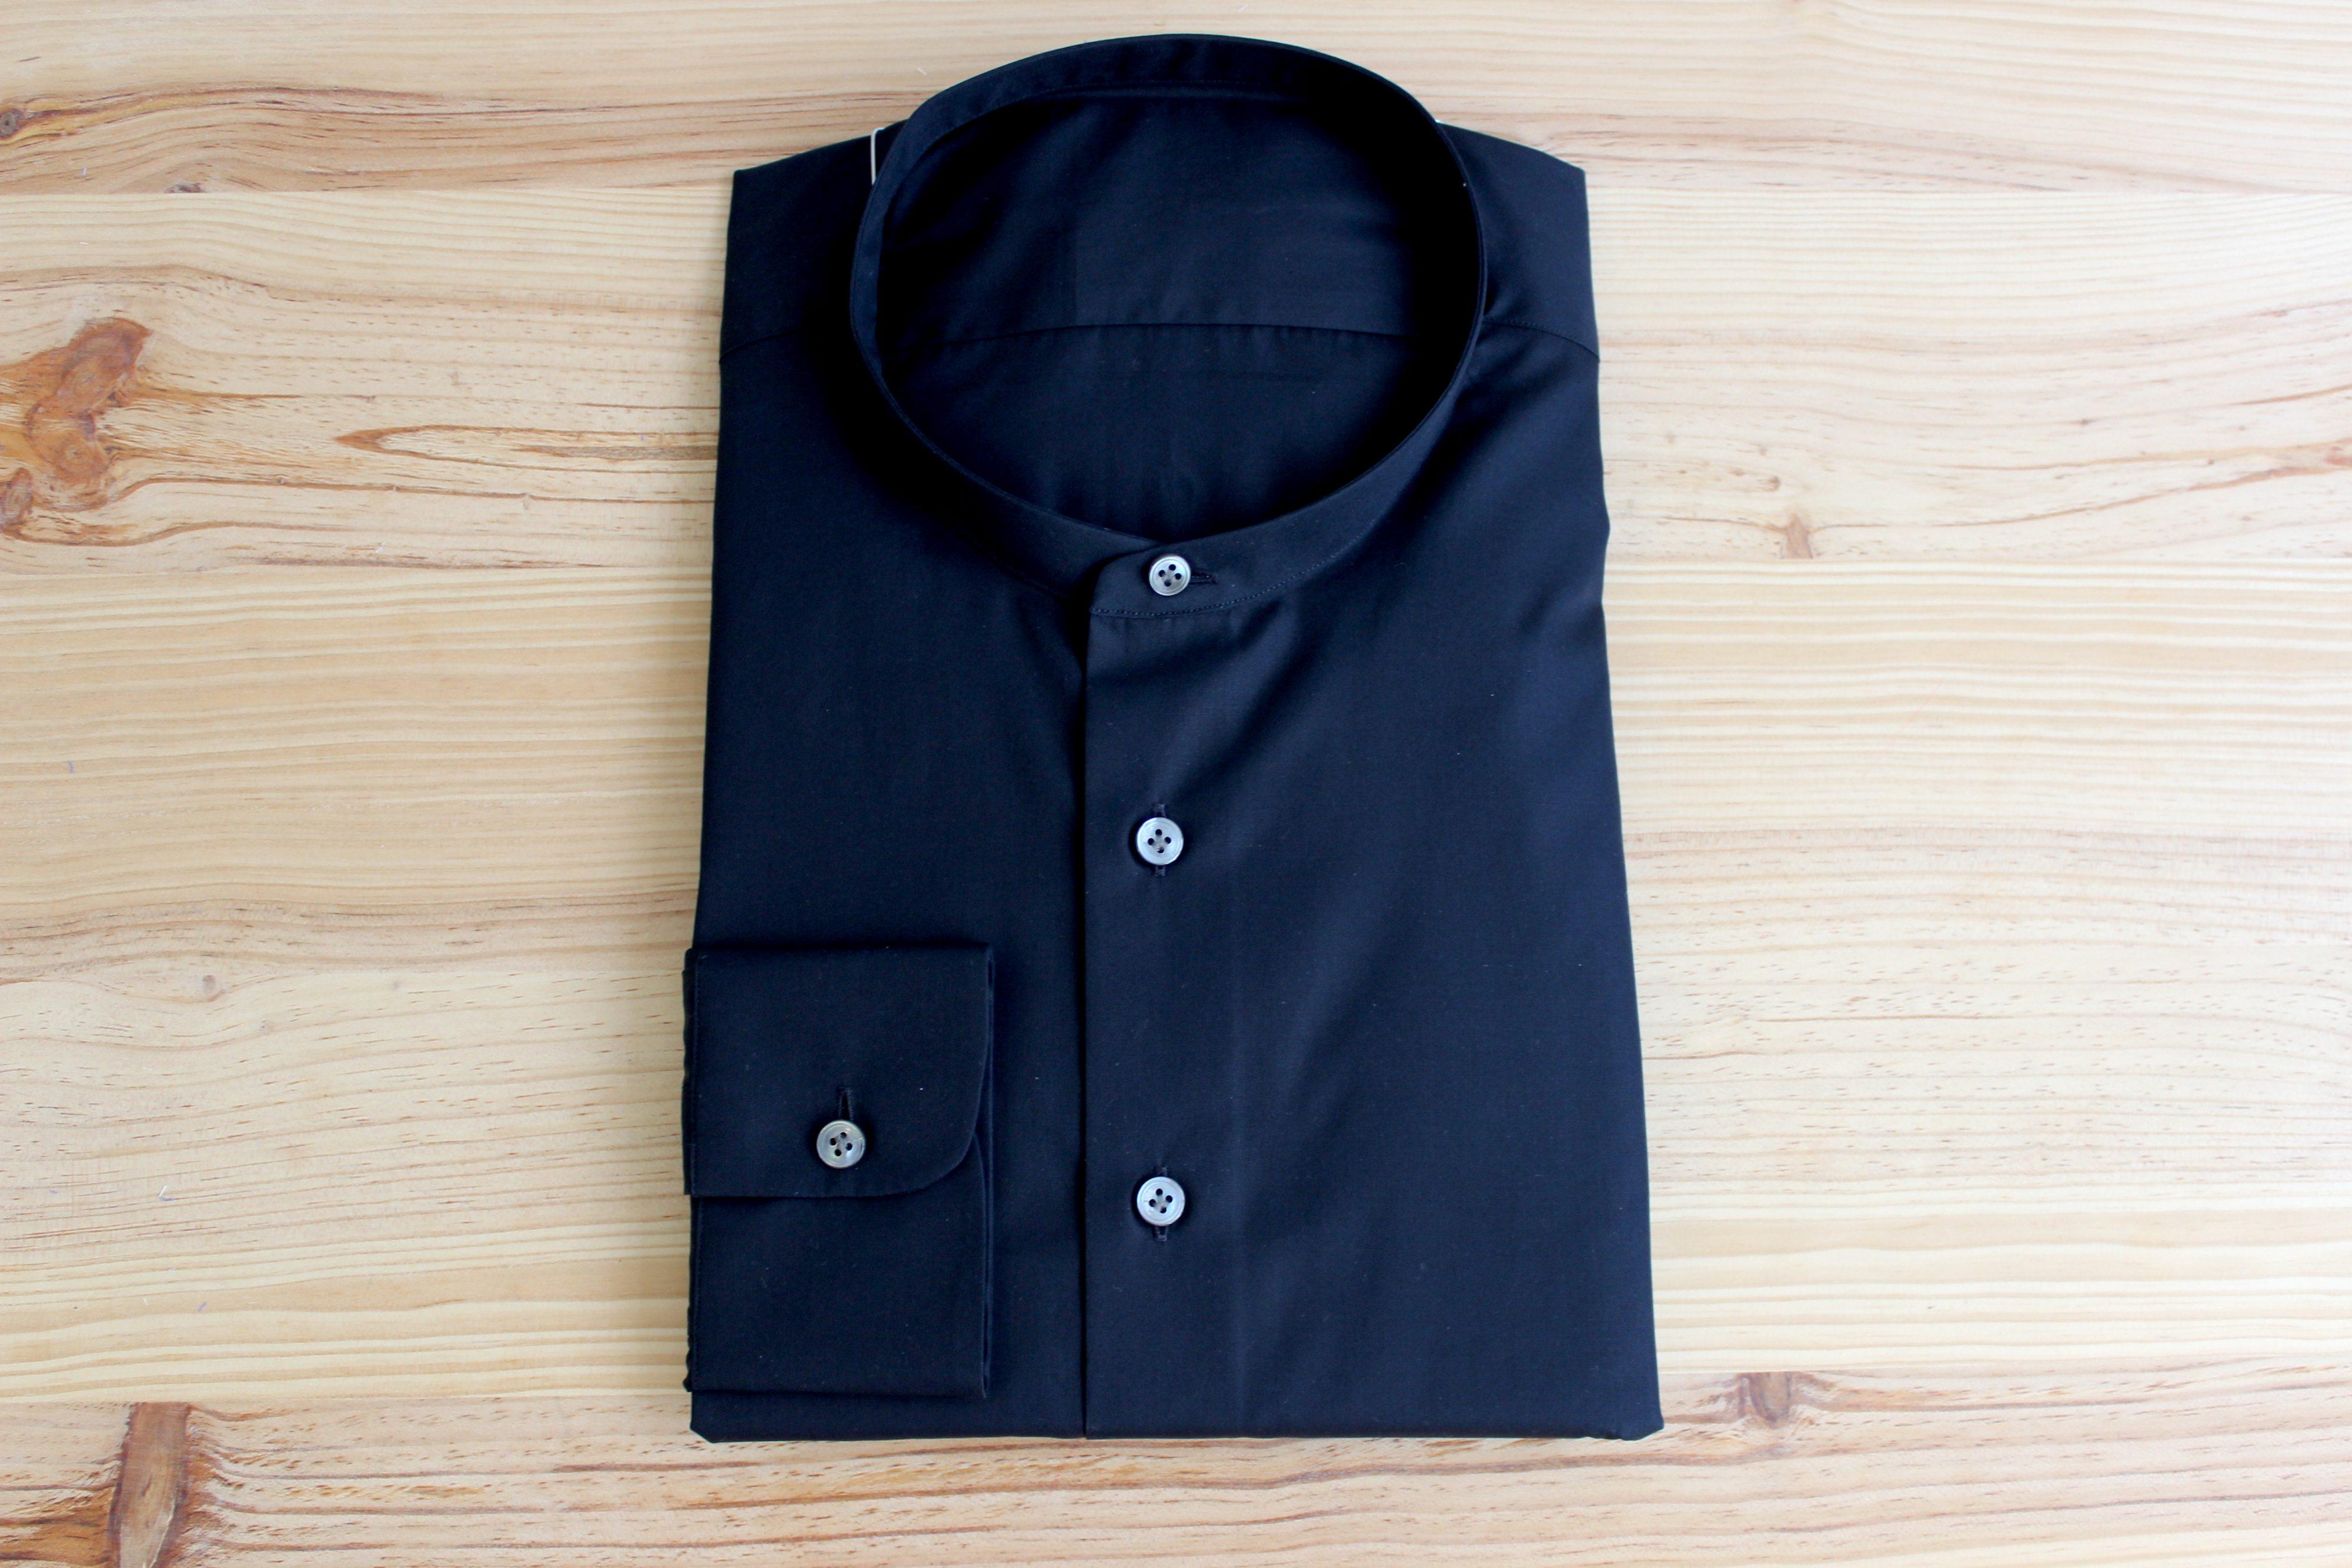 chemise luxe coton égyptien sur mesure , chemise luxe coton égyptien , chemise luxe sur mesure